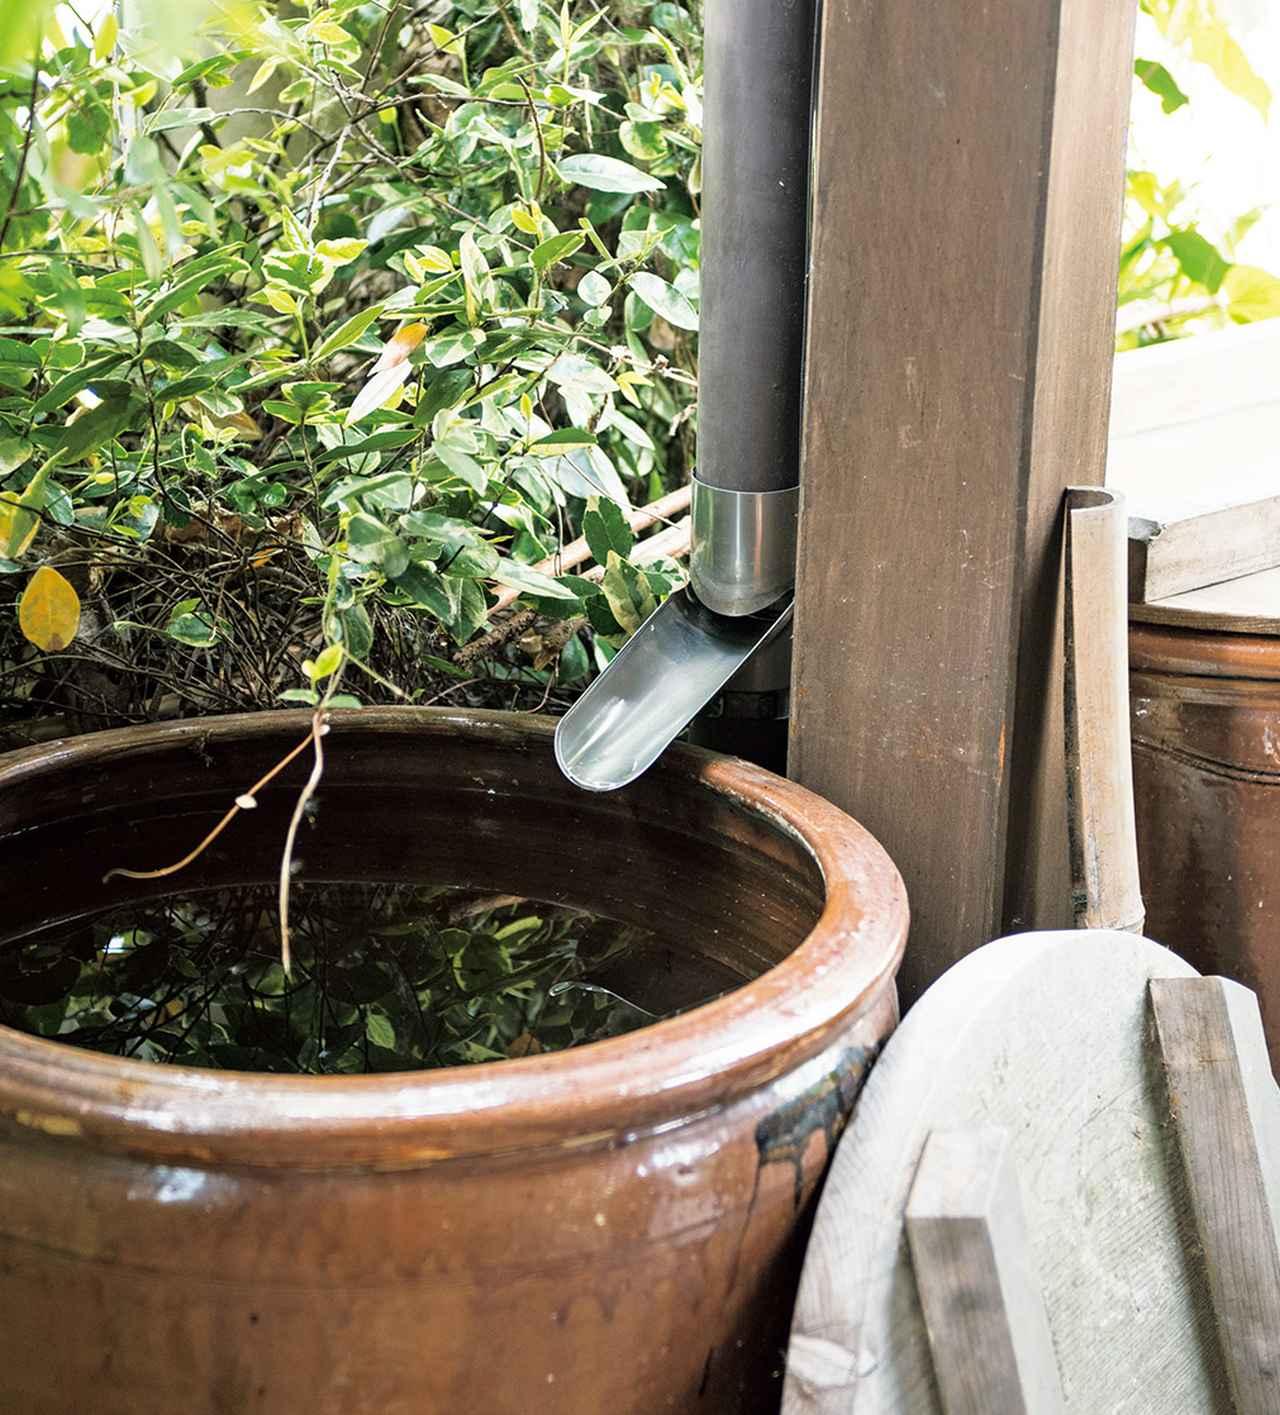 画像: 柱に伝わせた雨どいの先に注ぎ口を取り付け、雨水を誘導。金属のこ切りで、といを切ってつくったもの